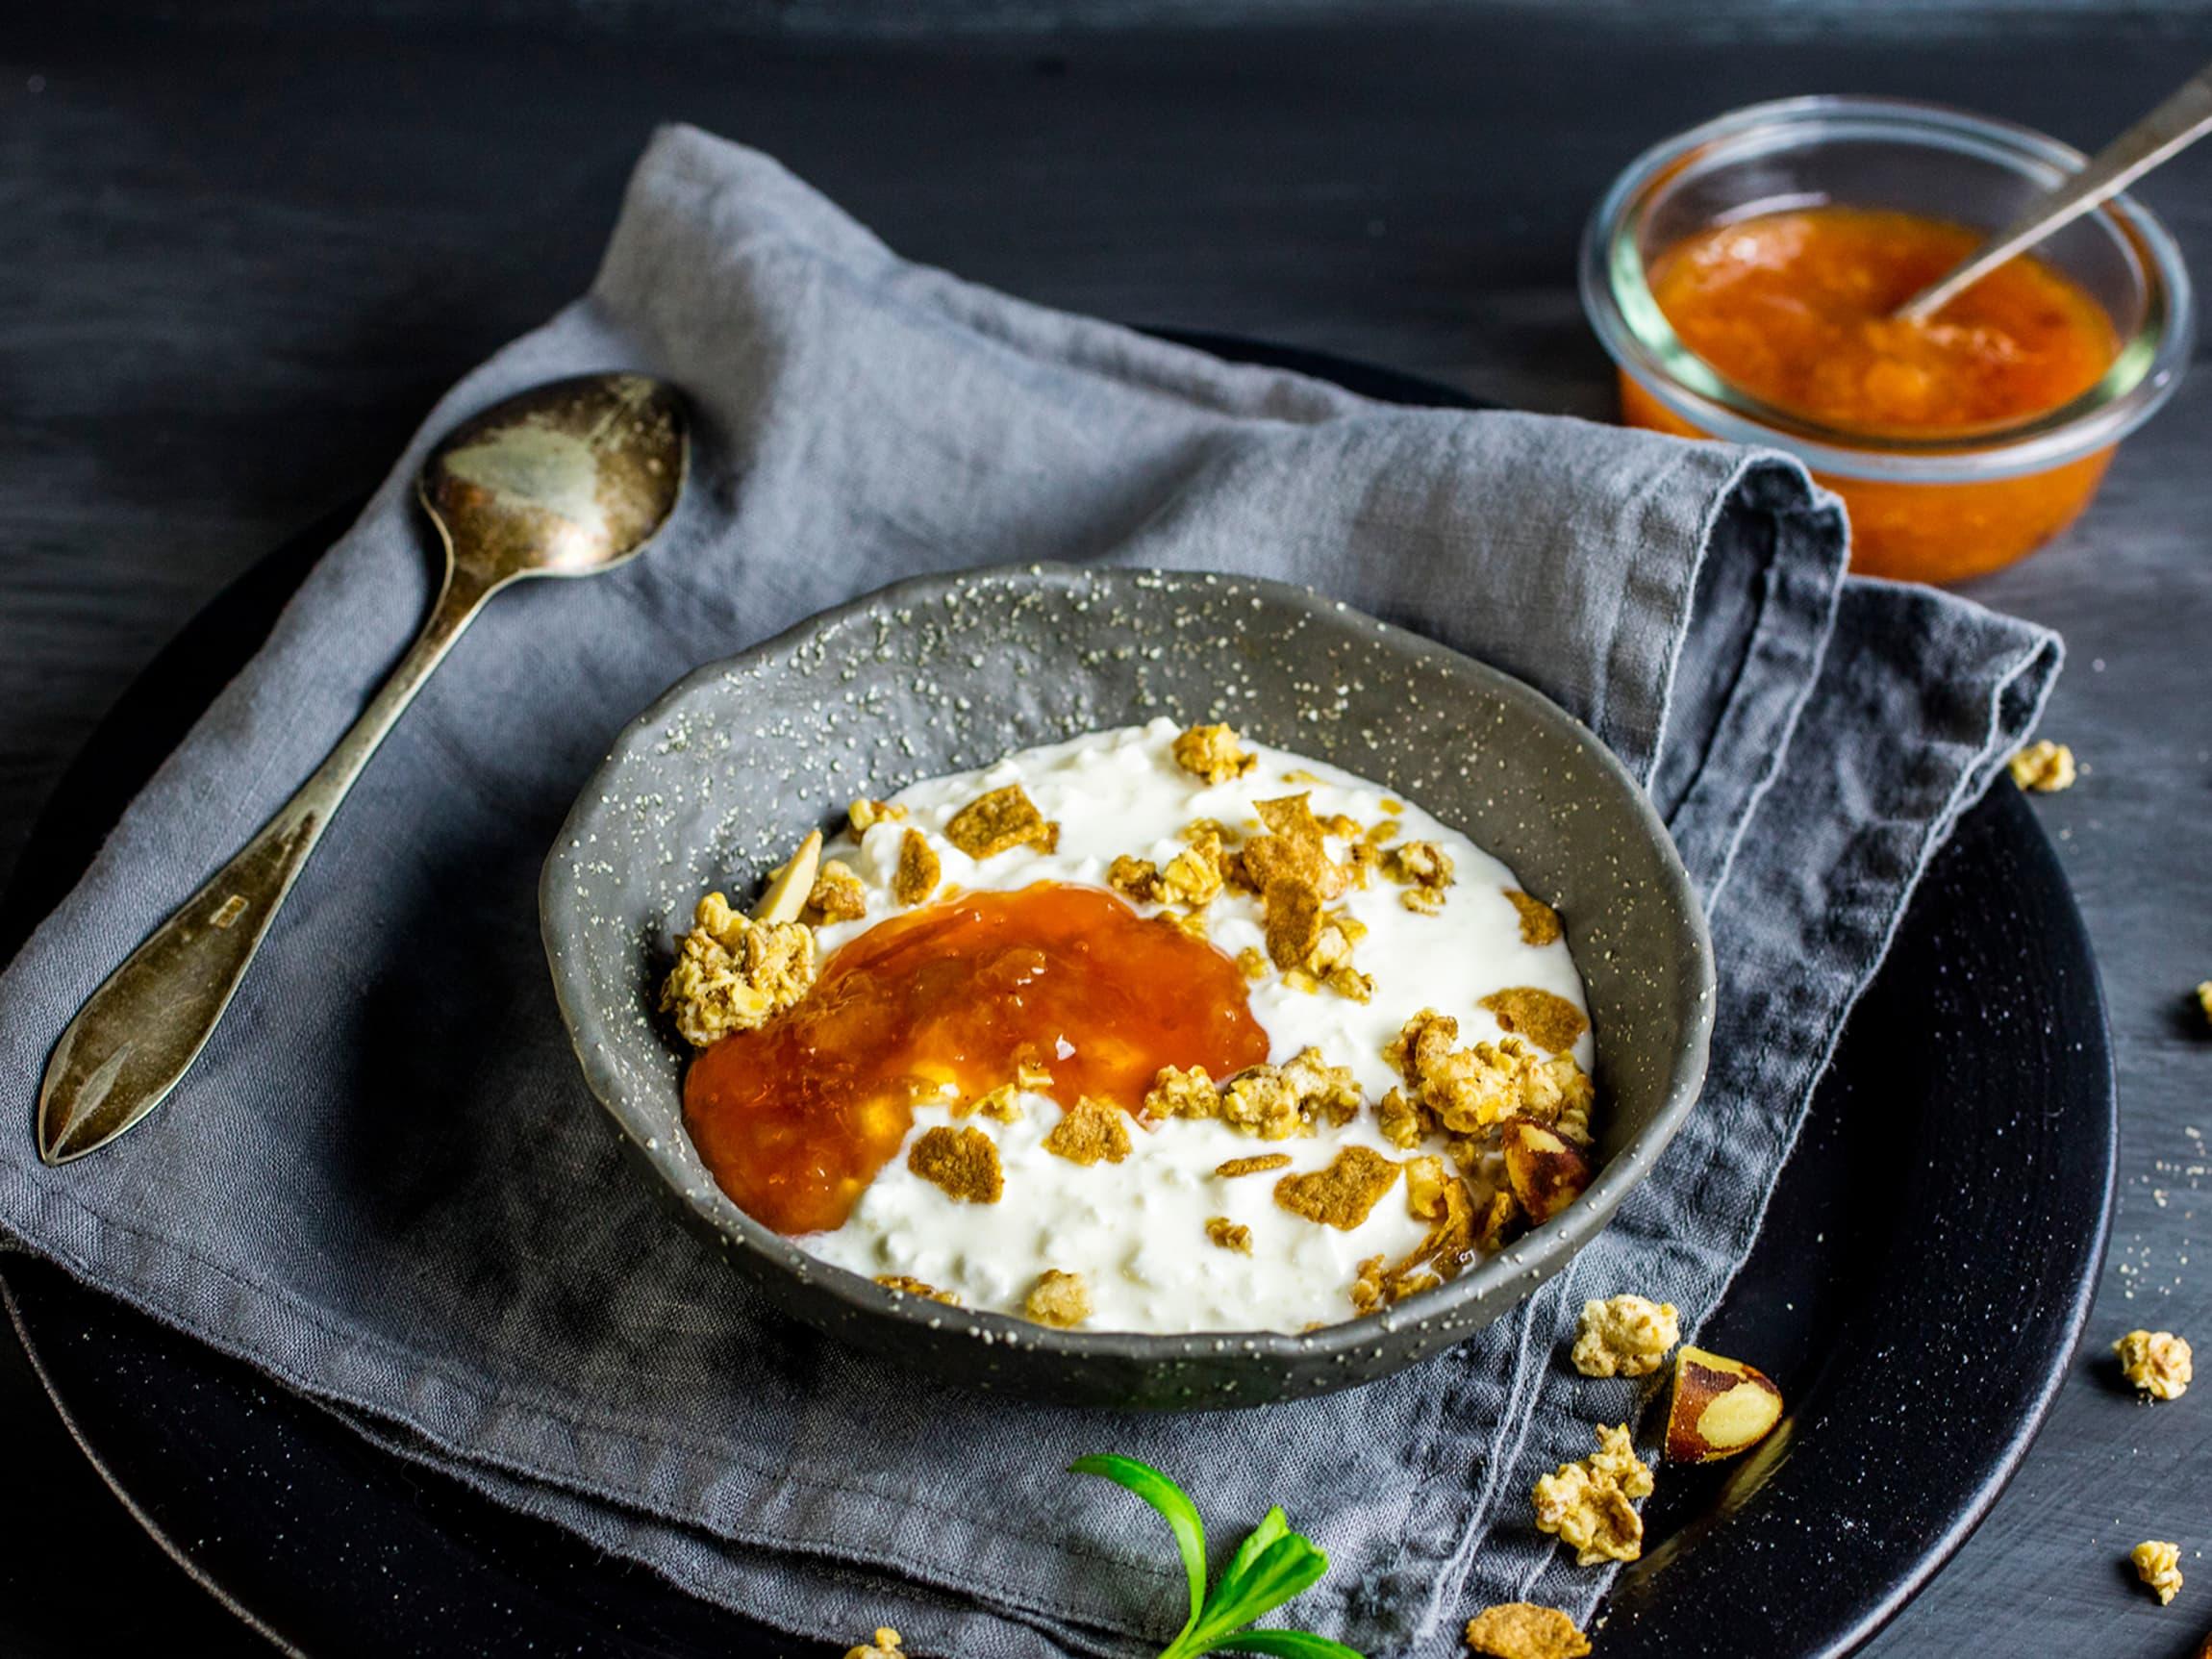 Cottage cheese er et godt alternativ til yoghurt, pålegg og tilbehør til måltidene. Prøv den med granola og litt syltetøy!